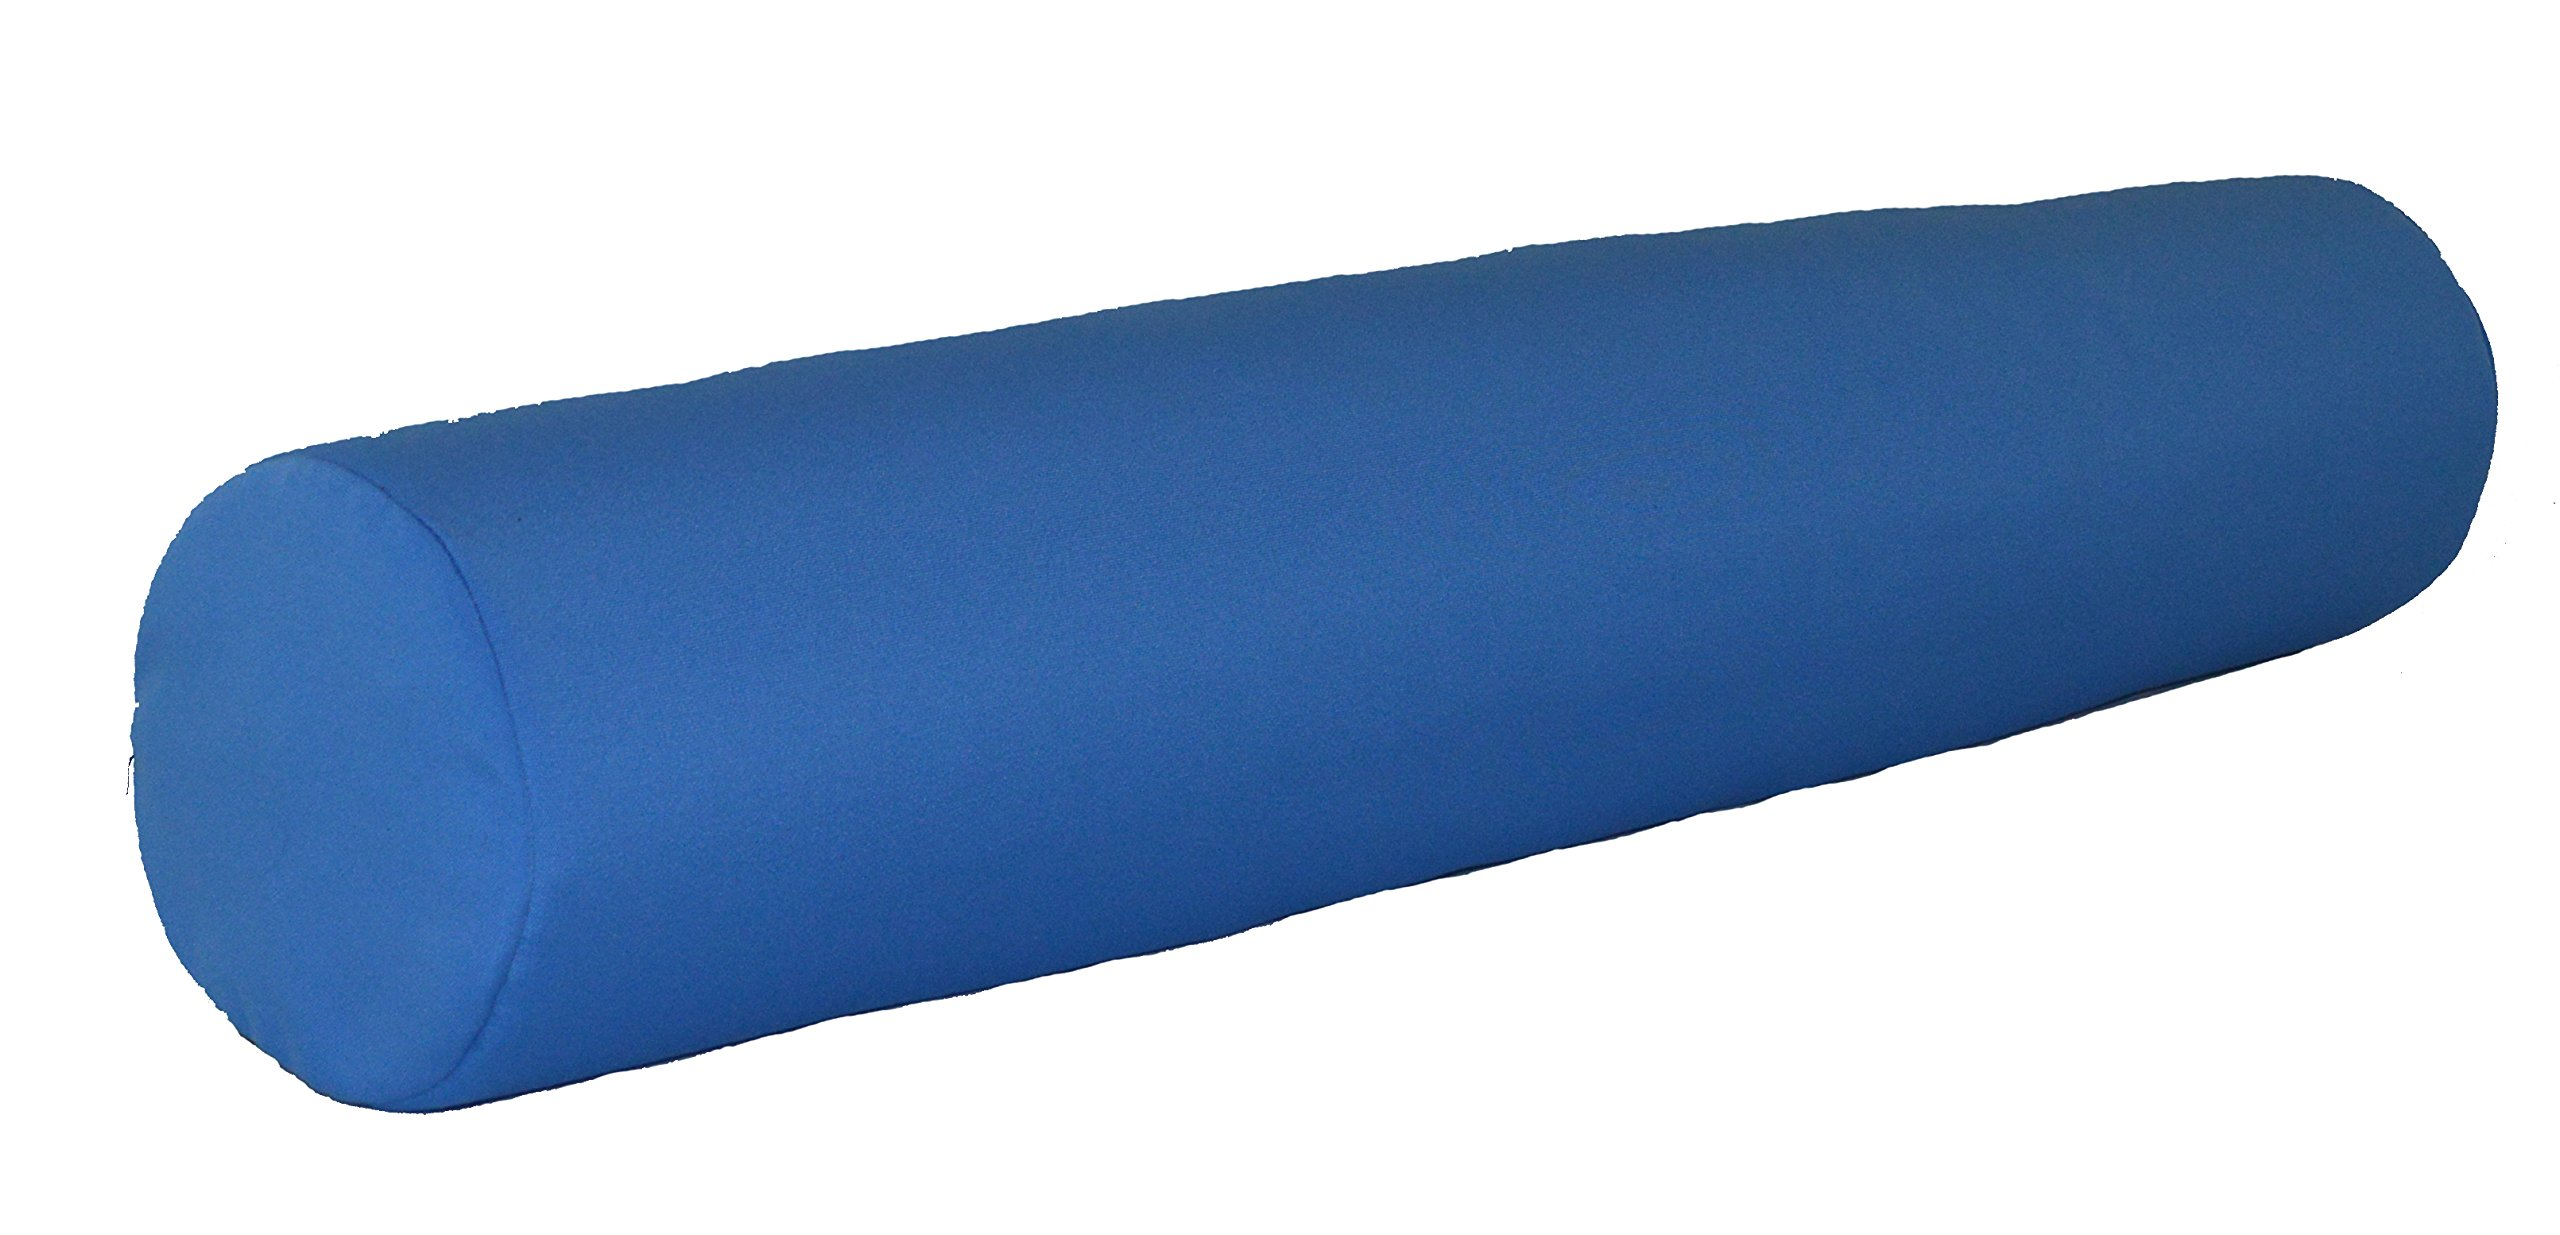 A & L Furniture Sundown Agora 7'' X 36'' Bolster Pillow, 7'' diam. 36'' Long, Light Blue